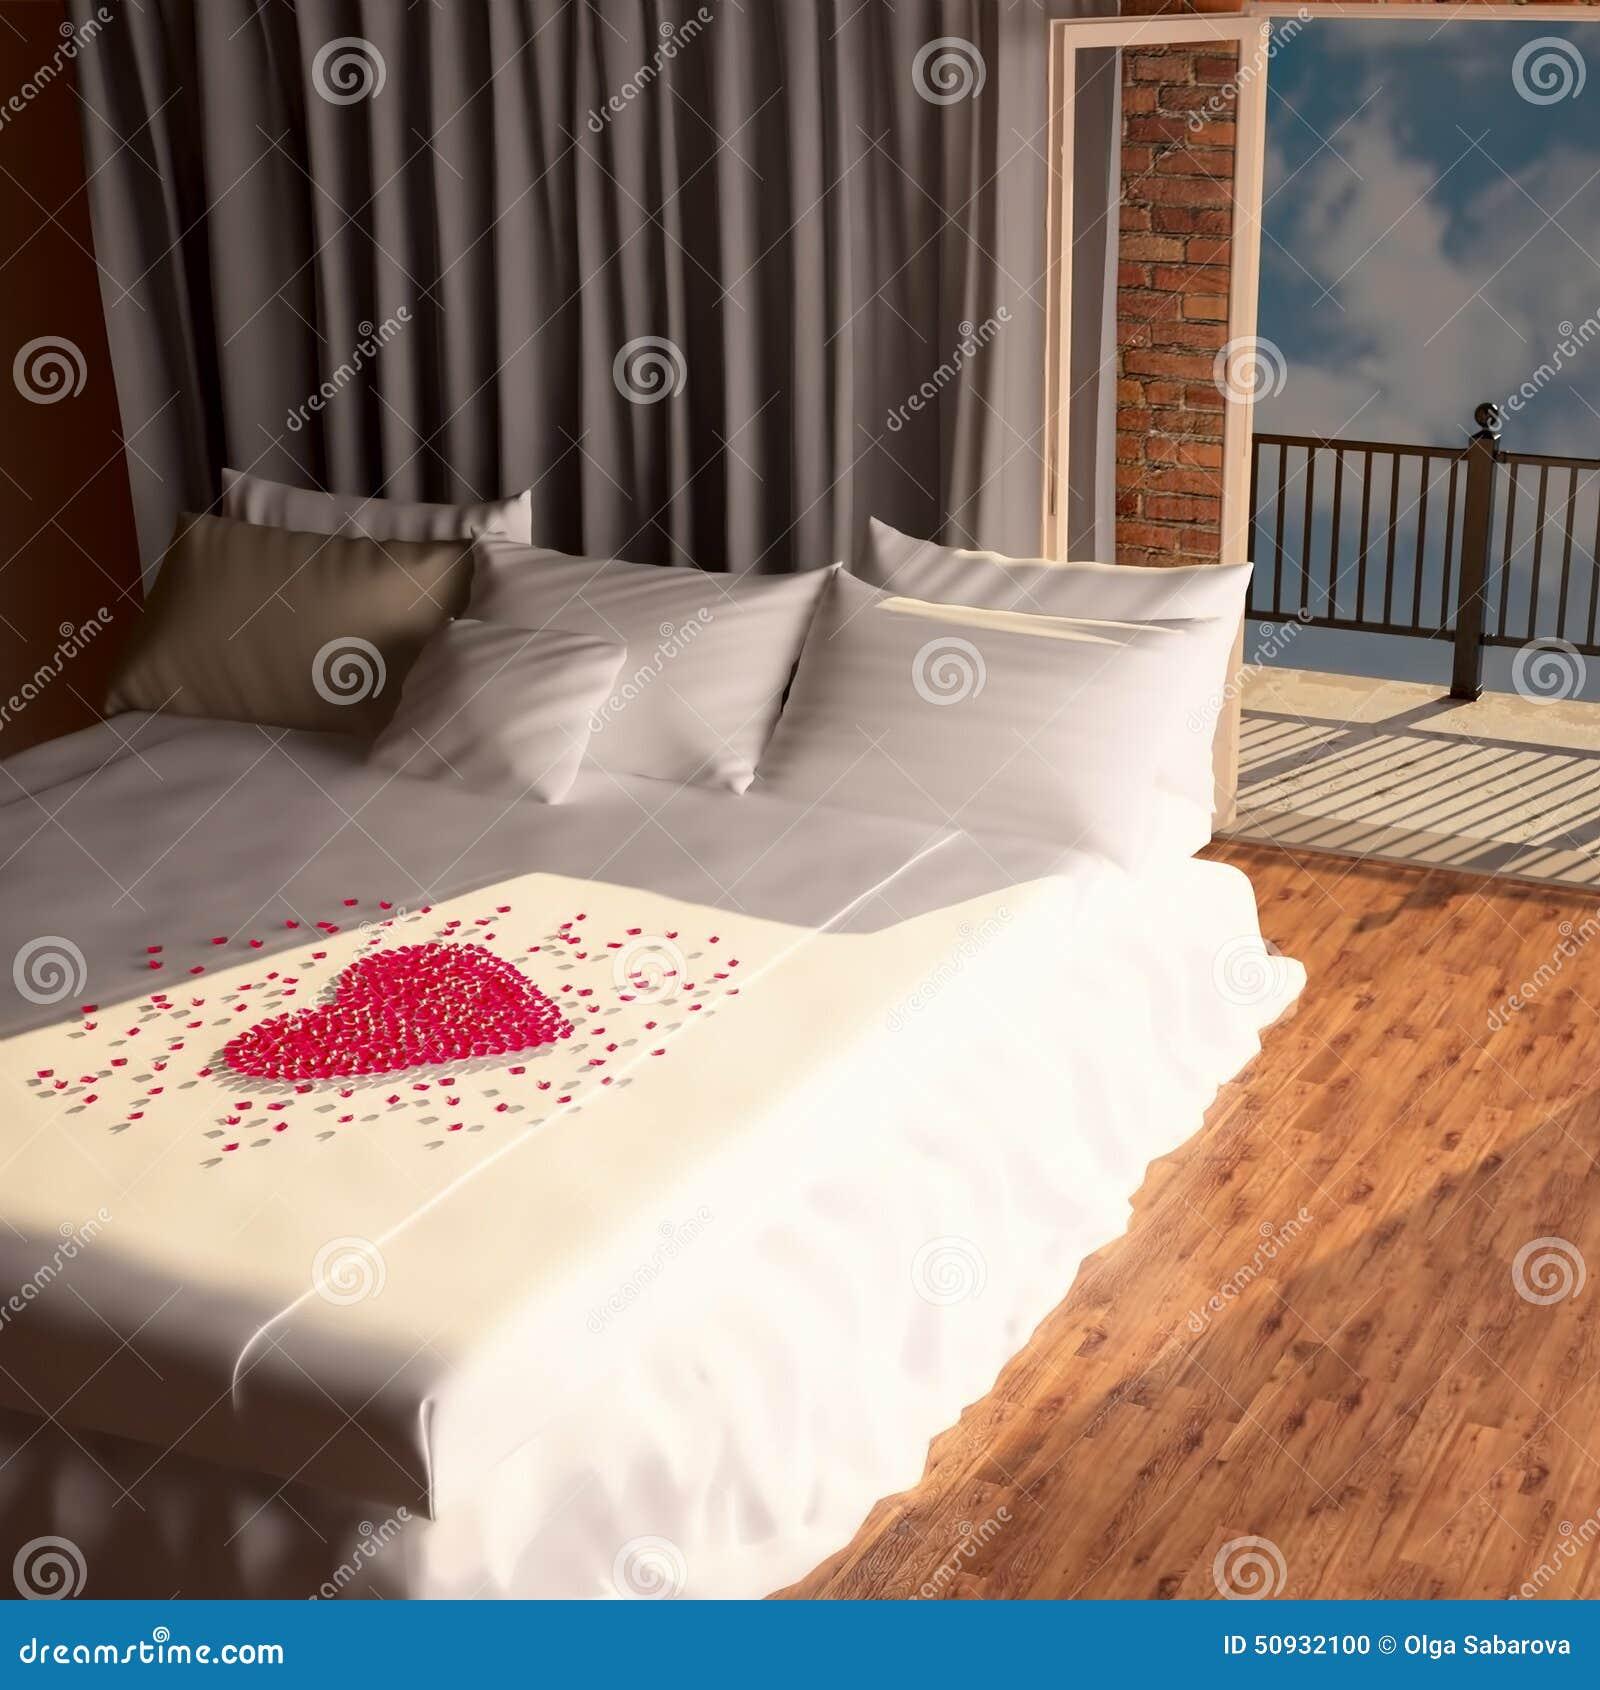 coeur des p tales des roses sur le lit photo stock image 50932100. Black Bedroom Furniture Sets. Home Design Ideas